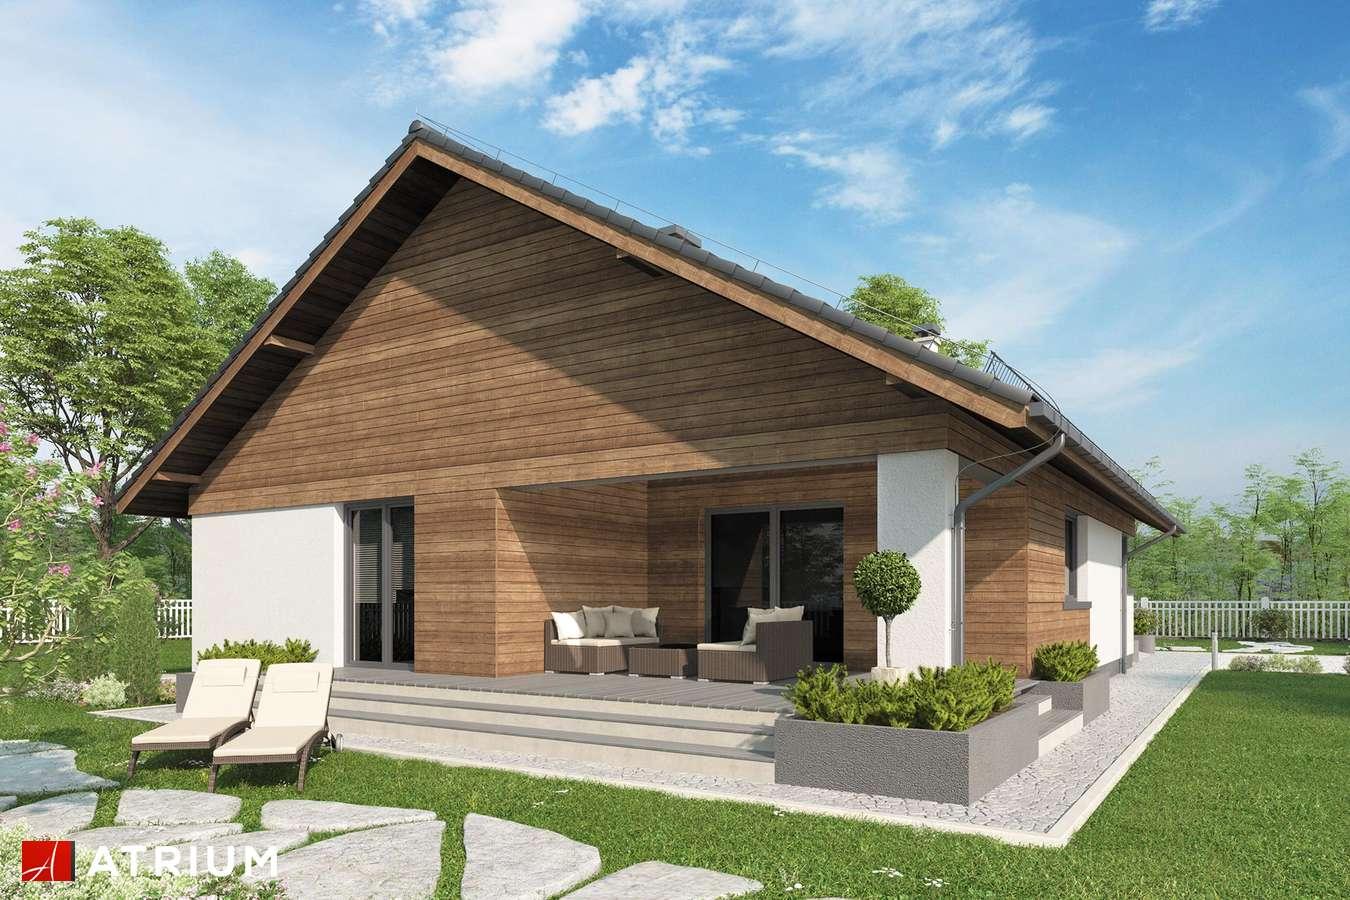 Projekty domów - Projekt domu parterowego KOS X - wizualizacja 2